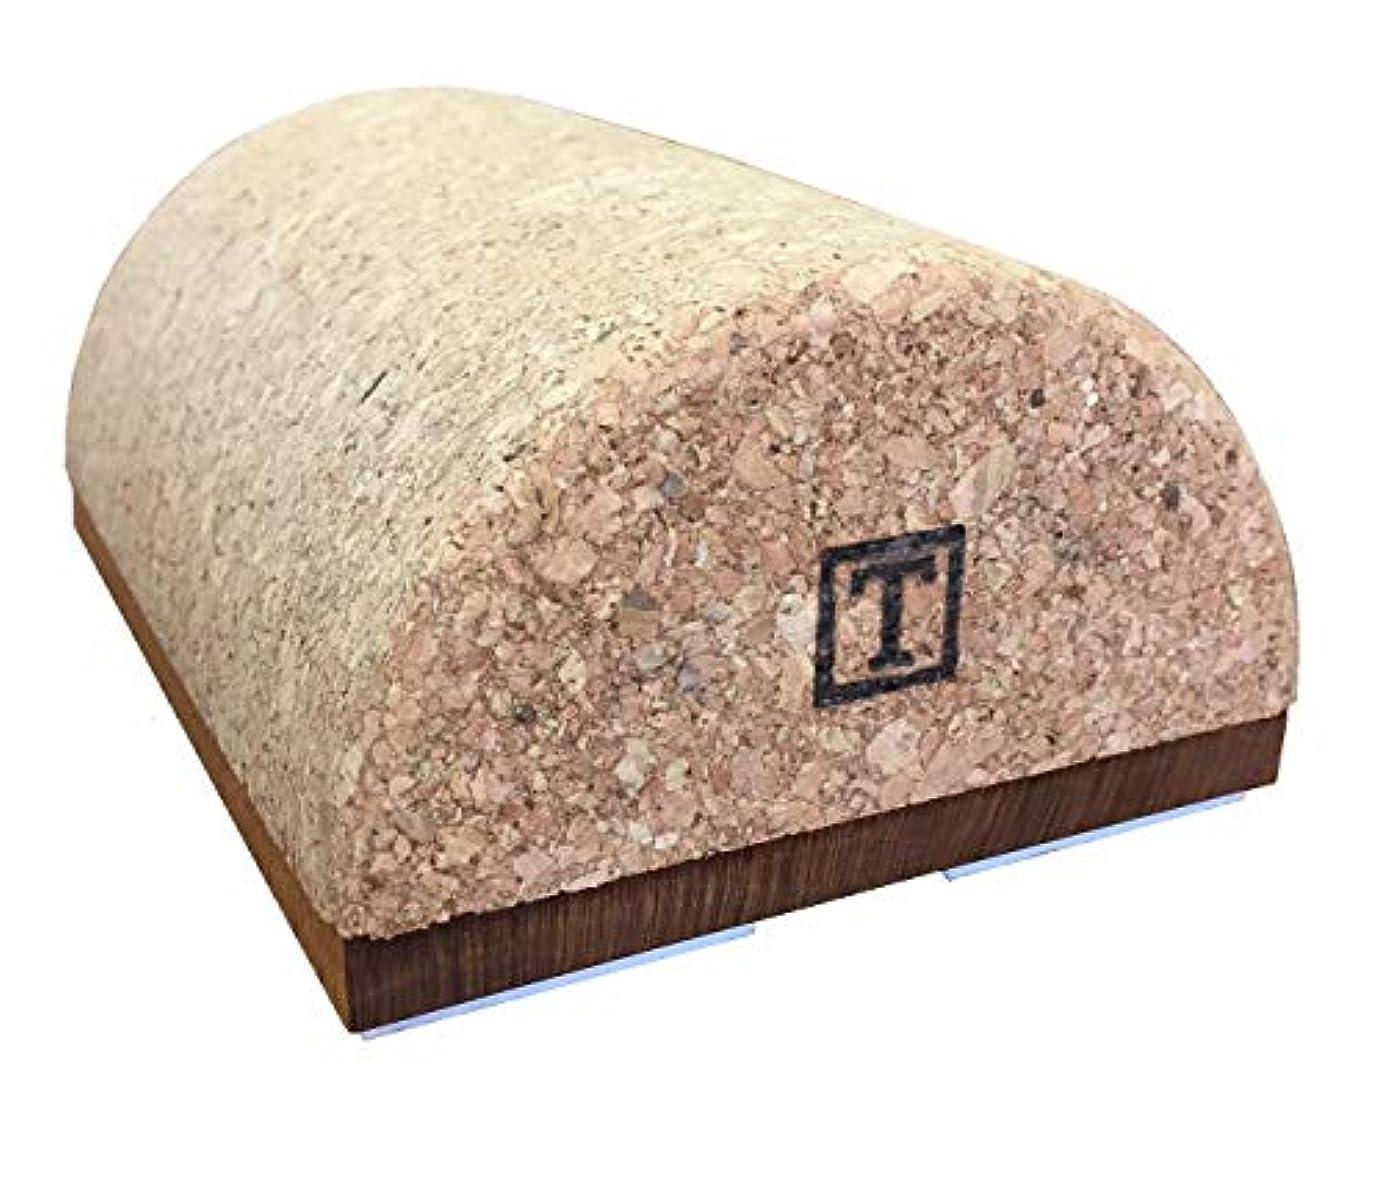 多様体ガスエゴマニア揉みの木シリーズ マルチタイプ -腰 肩甲骨周辺 わき 骨盤 殿筋 ふくらはぎなどのコリや疲労に-